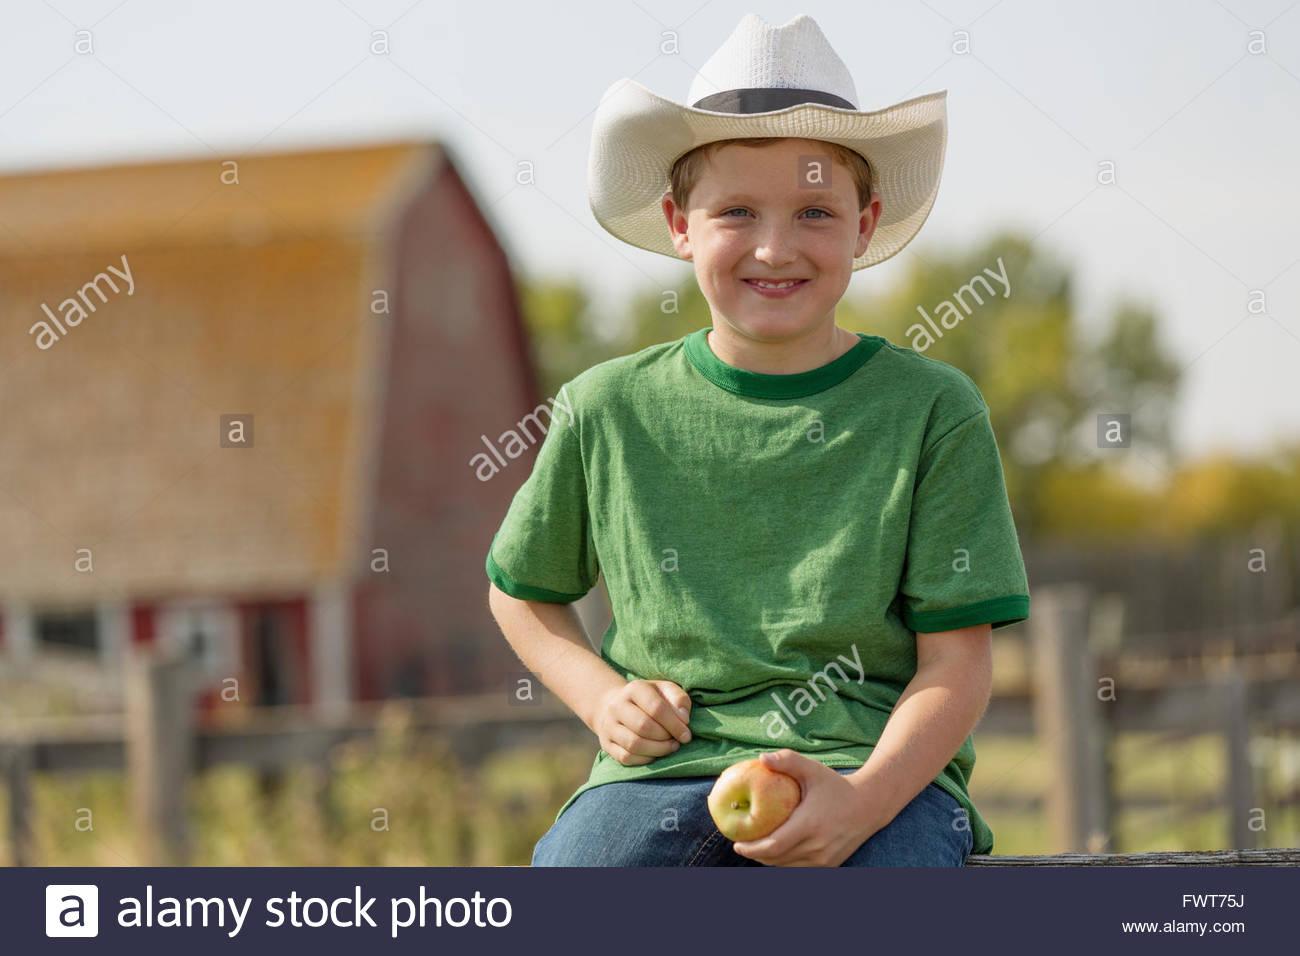 Jeune garçon avec chapeau de cow-boy sitting on fence. Photo Stock